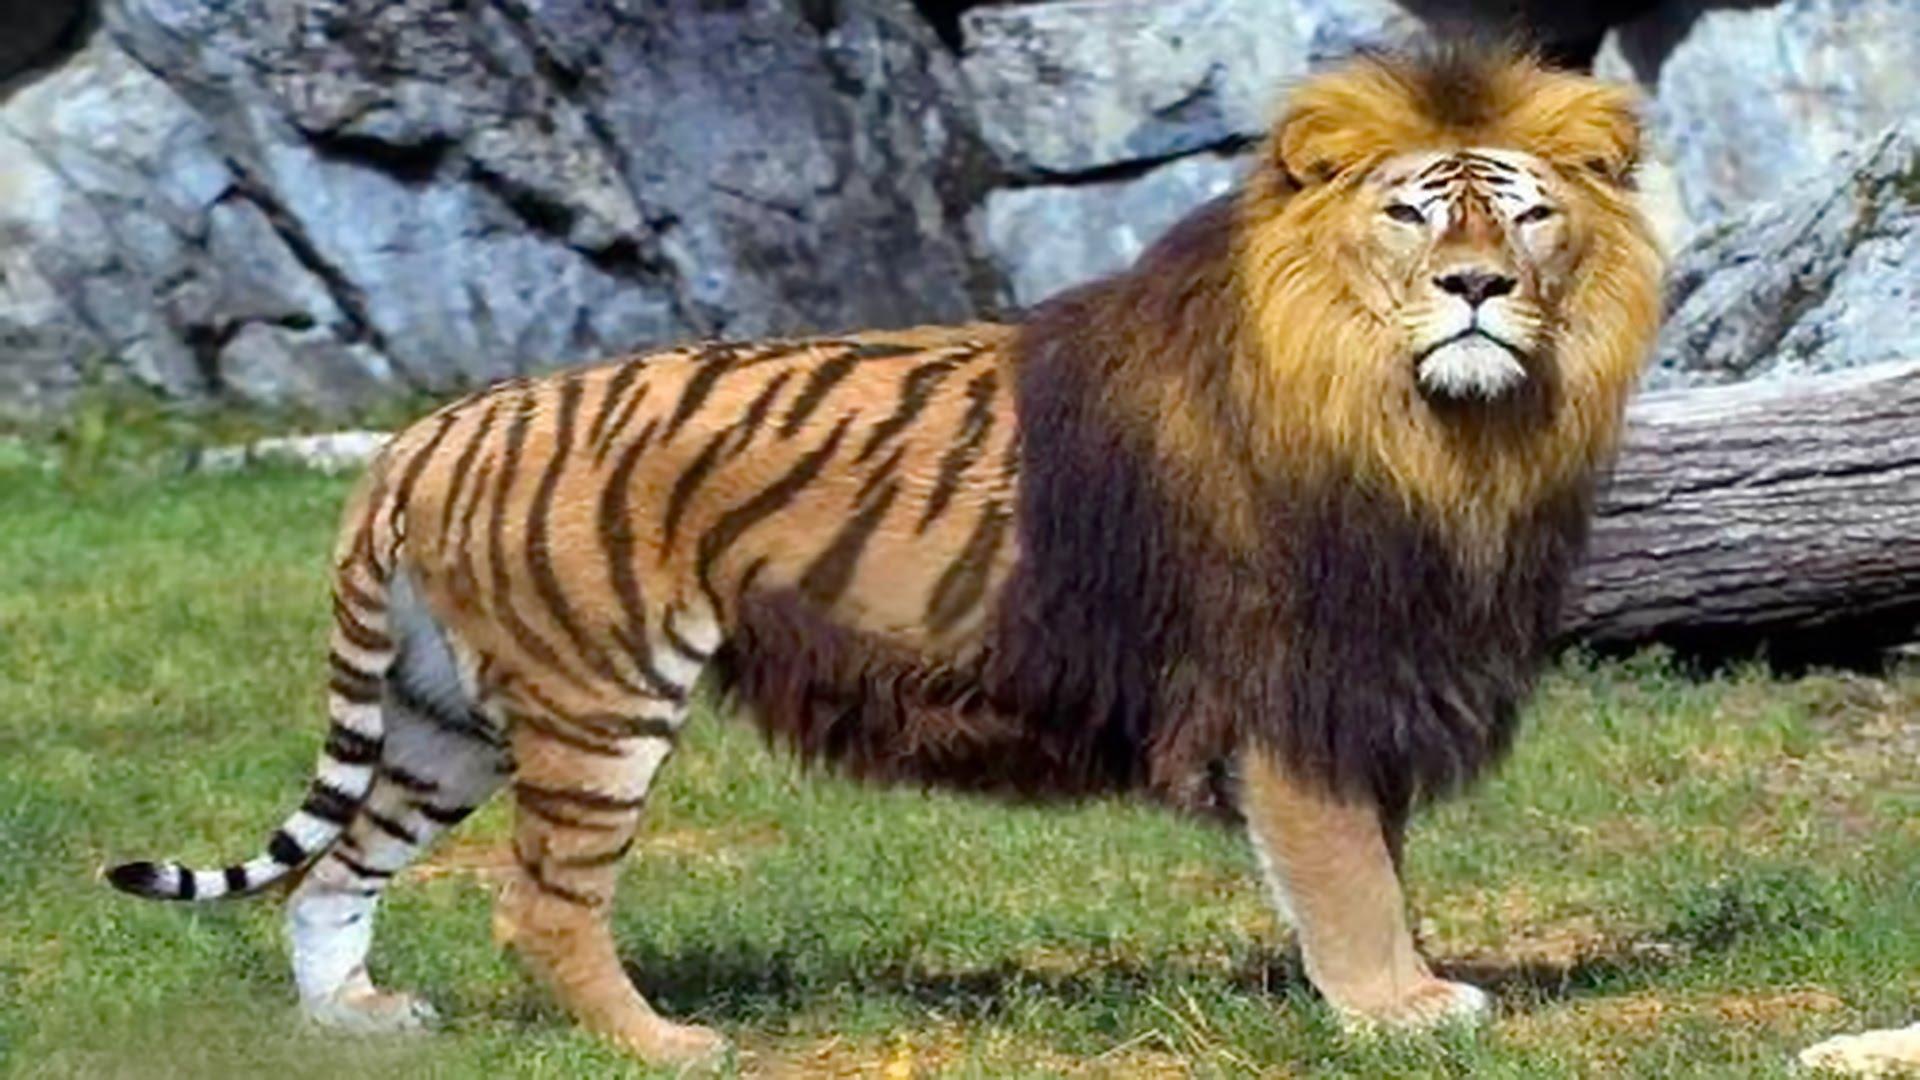 بالصور اغرب الحيوانات , صور اغرب حيوان فى العالم 3143 9